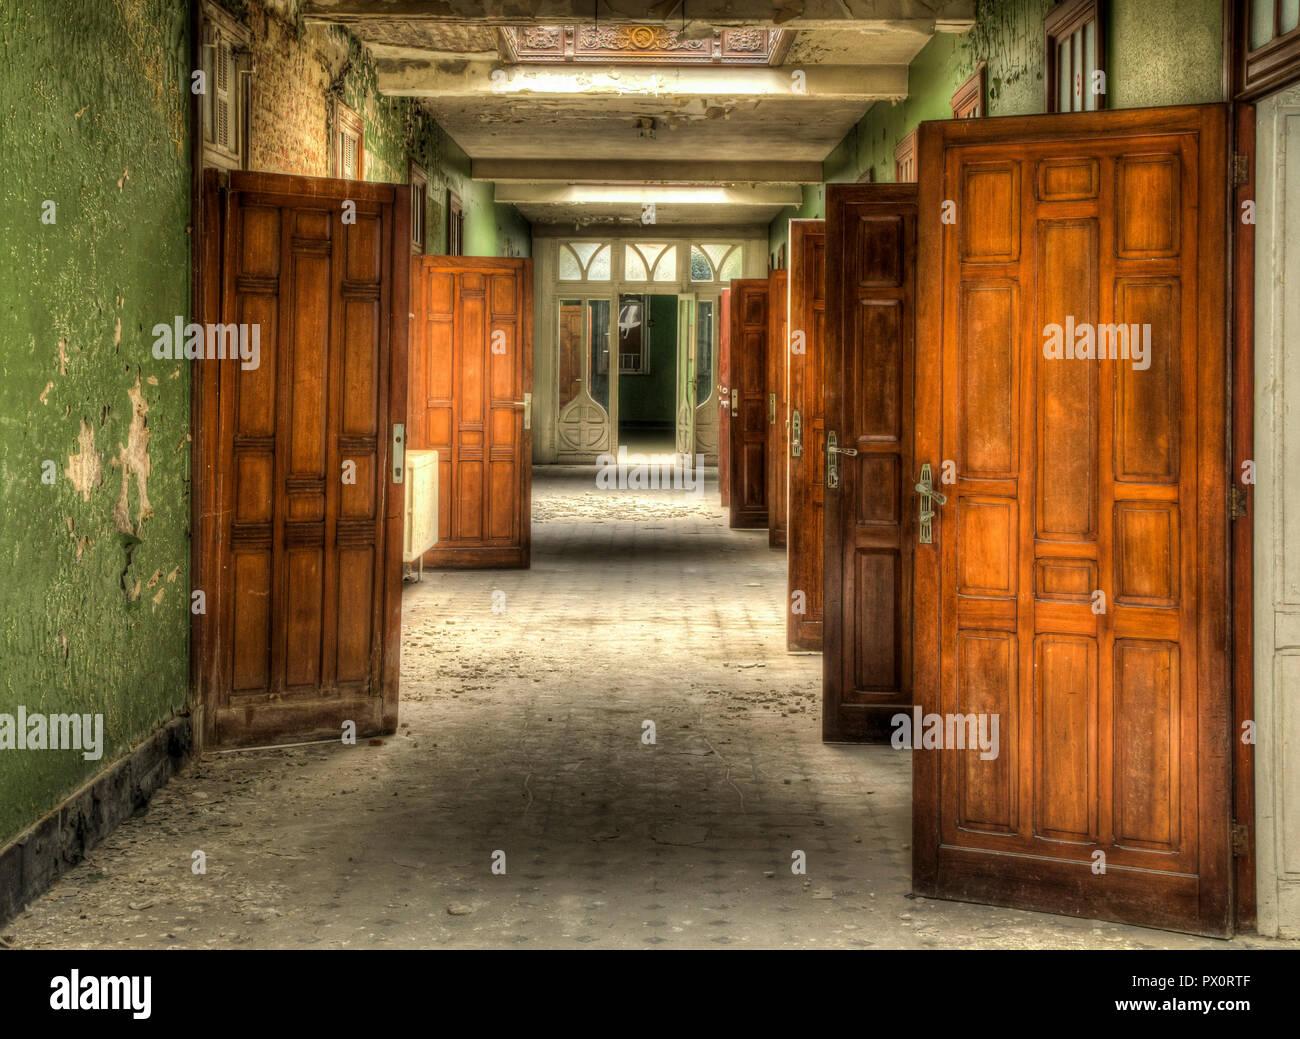 Vista Interior Con Hermosas Puertas De Madera En Una Piscina